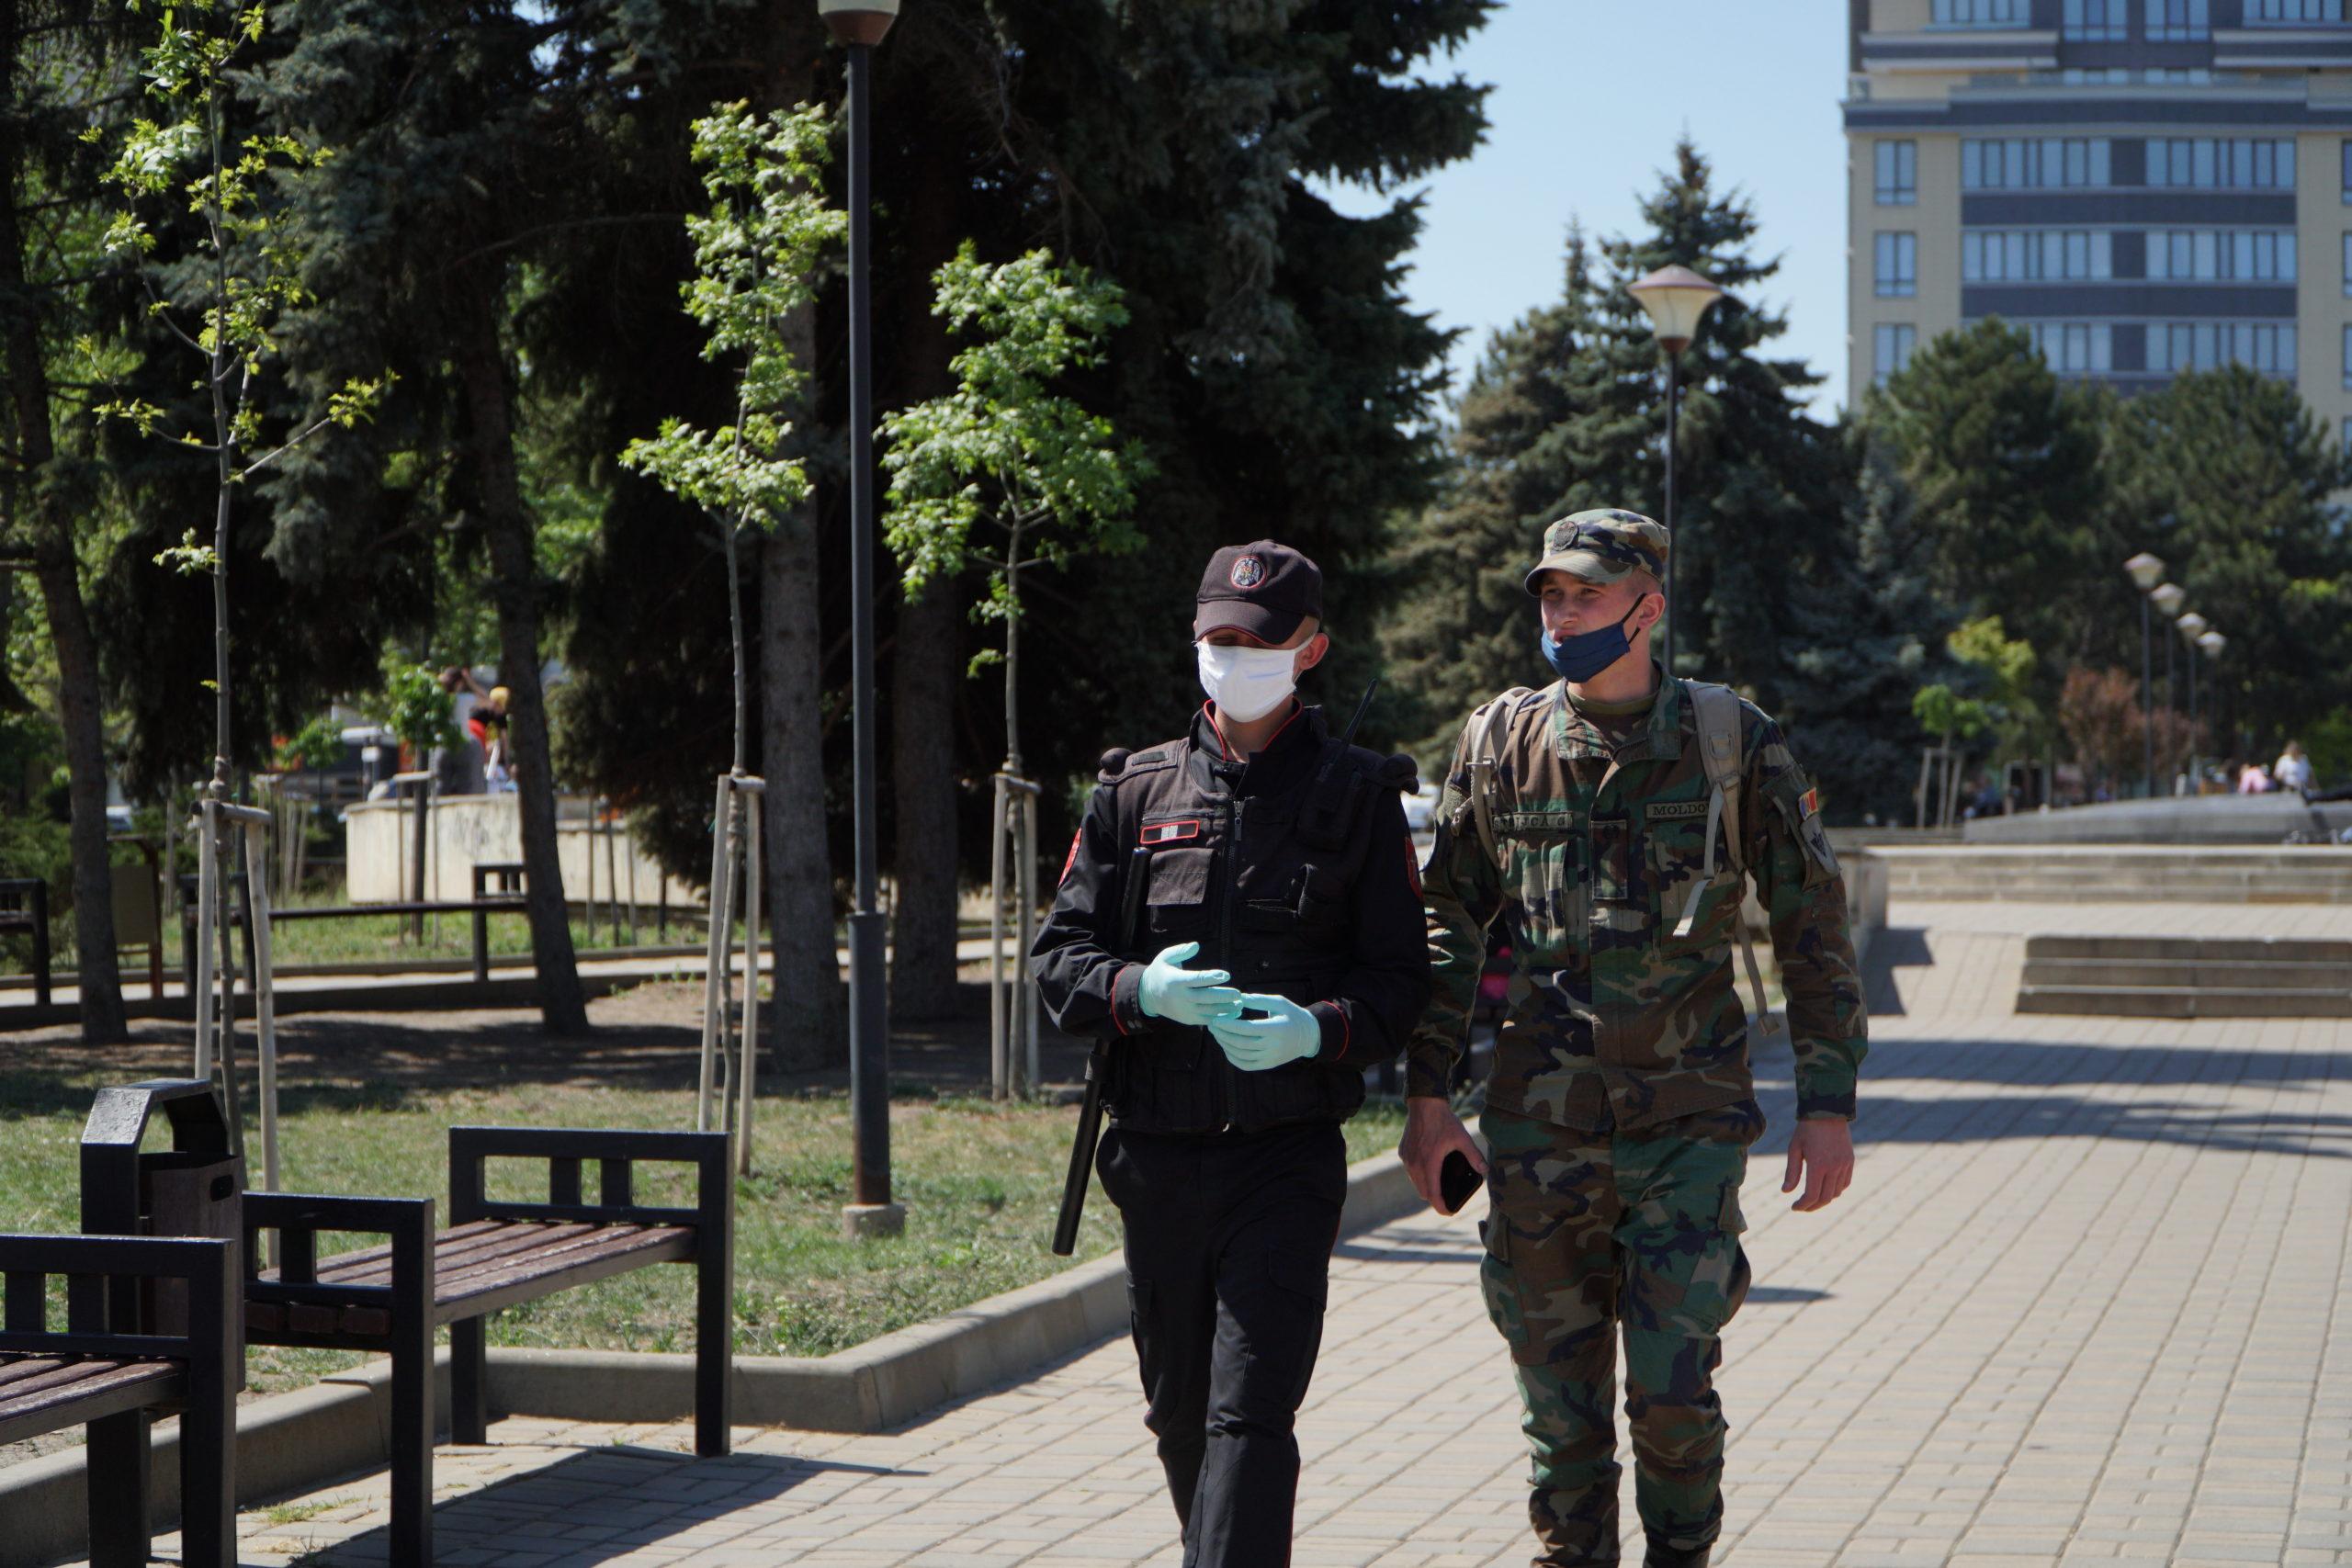 Что в Молдове можно и чего нельзя после окончания ЧП. Коротко и понятно